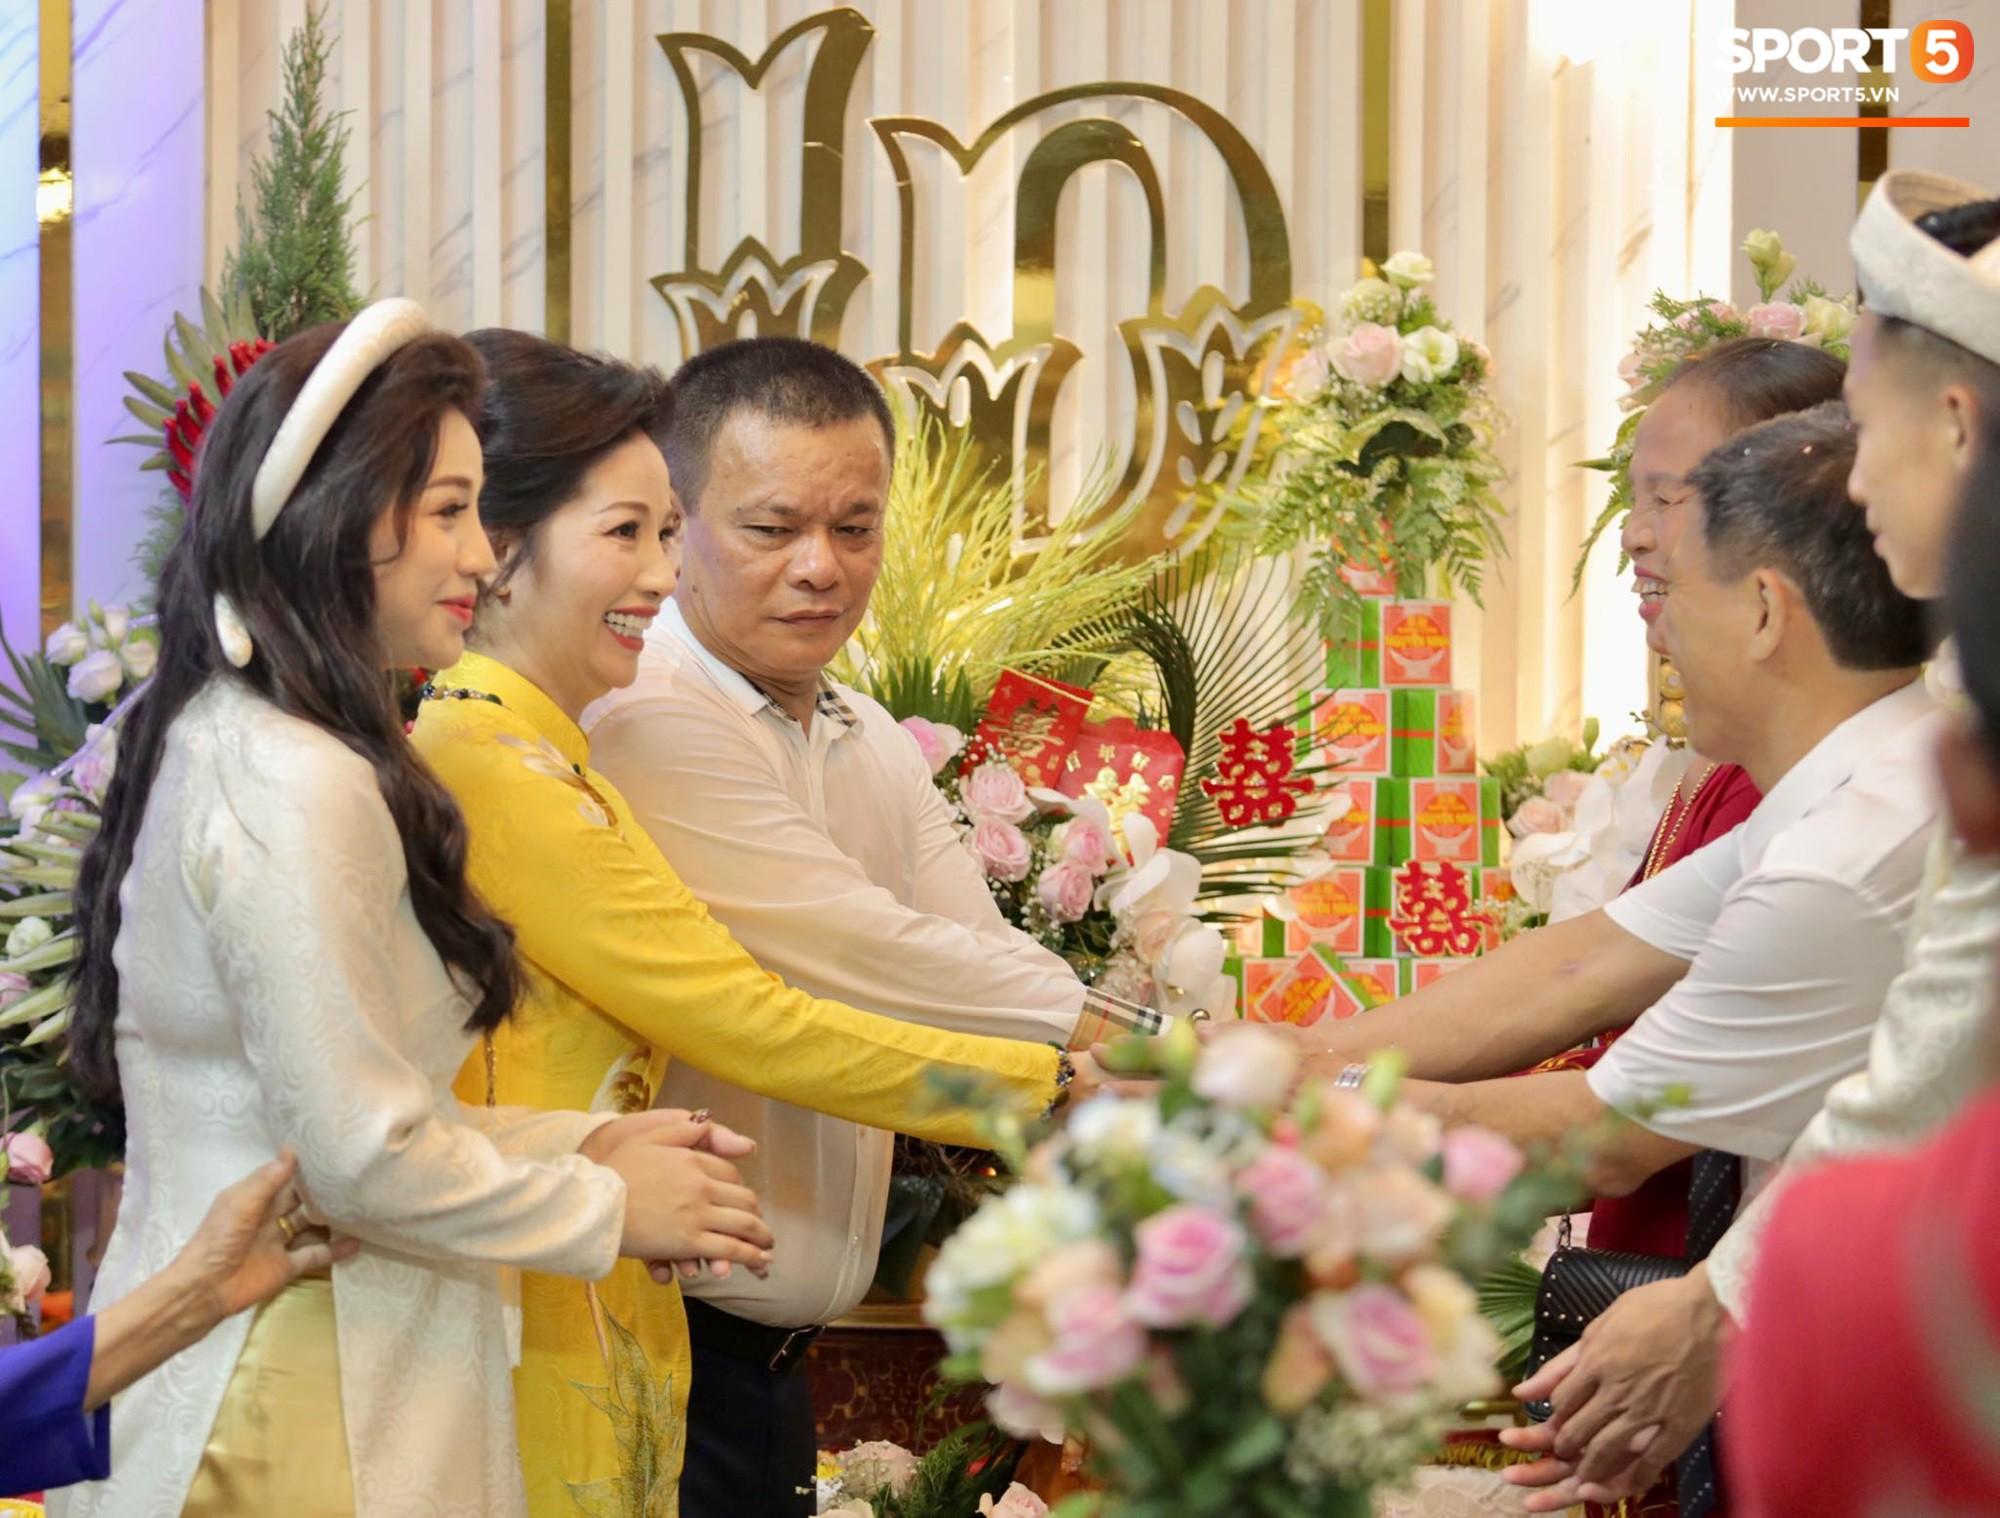 Bùi Tiến Dũng và cô dâu Khánh Linh hôn nhau say đắm, hát Nắm Lấy Tay Anh cực ngọt ngào-16